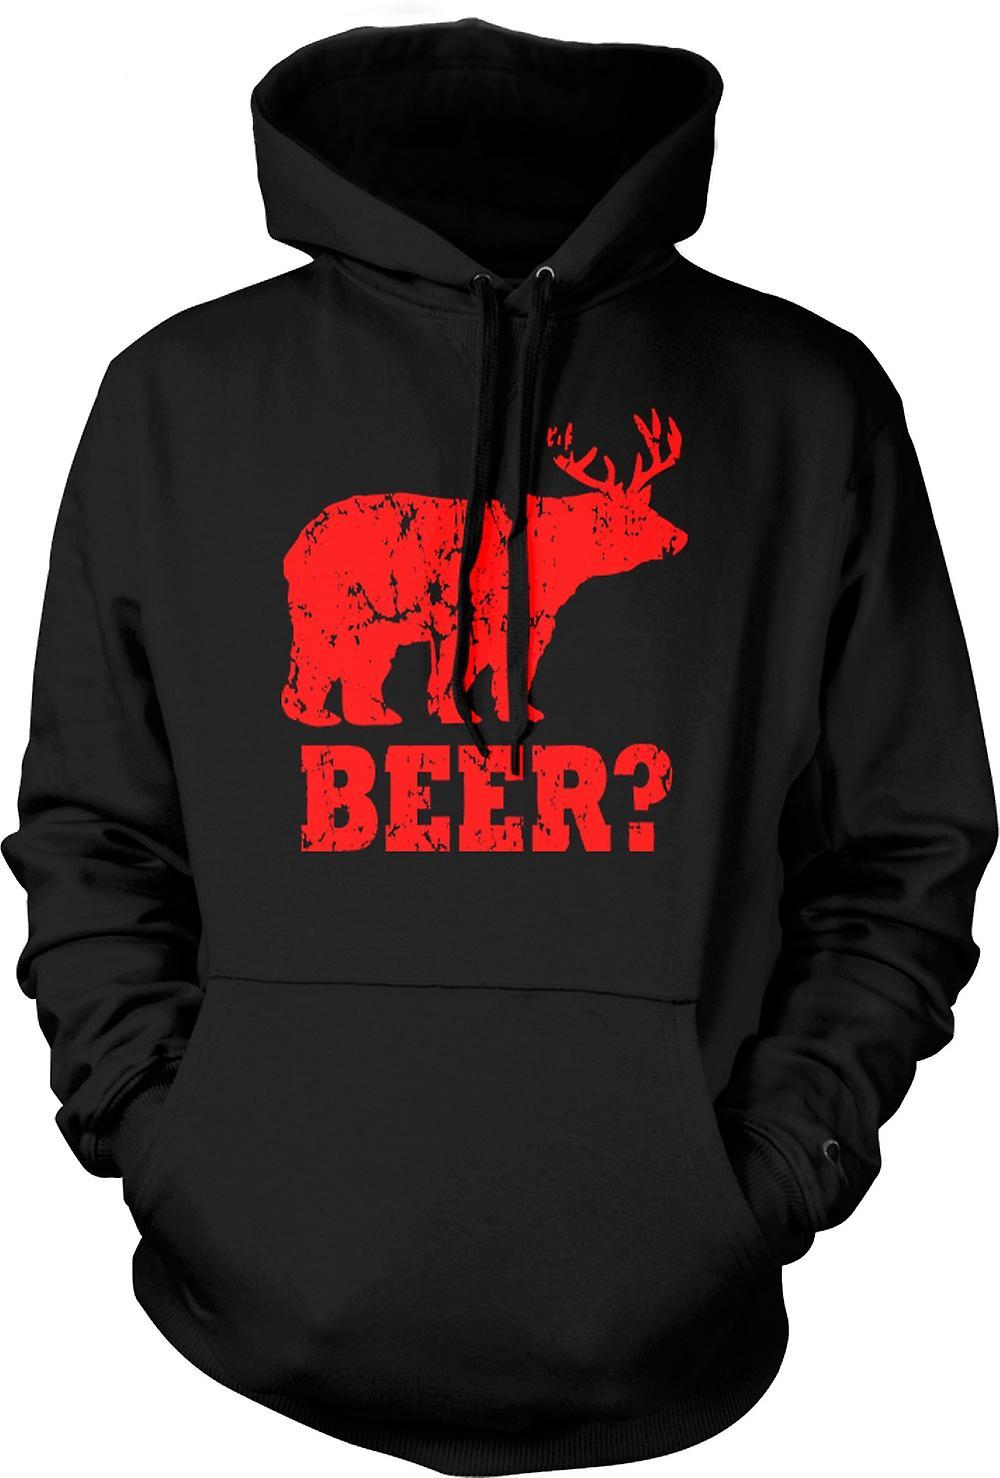 Mens Hoodie - bier - Funny